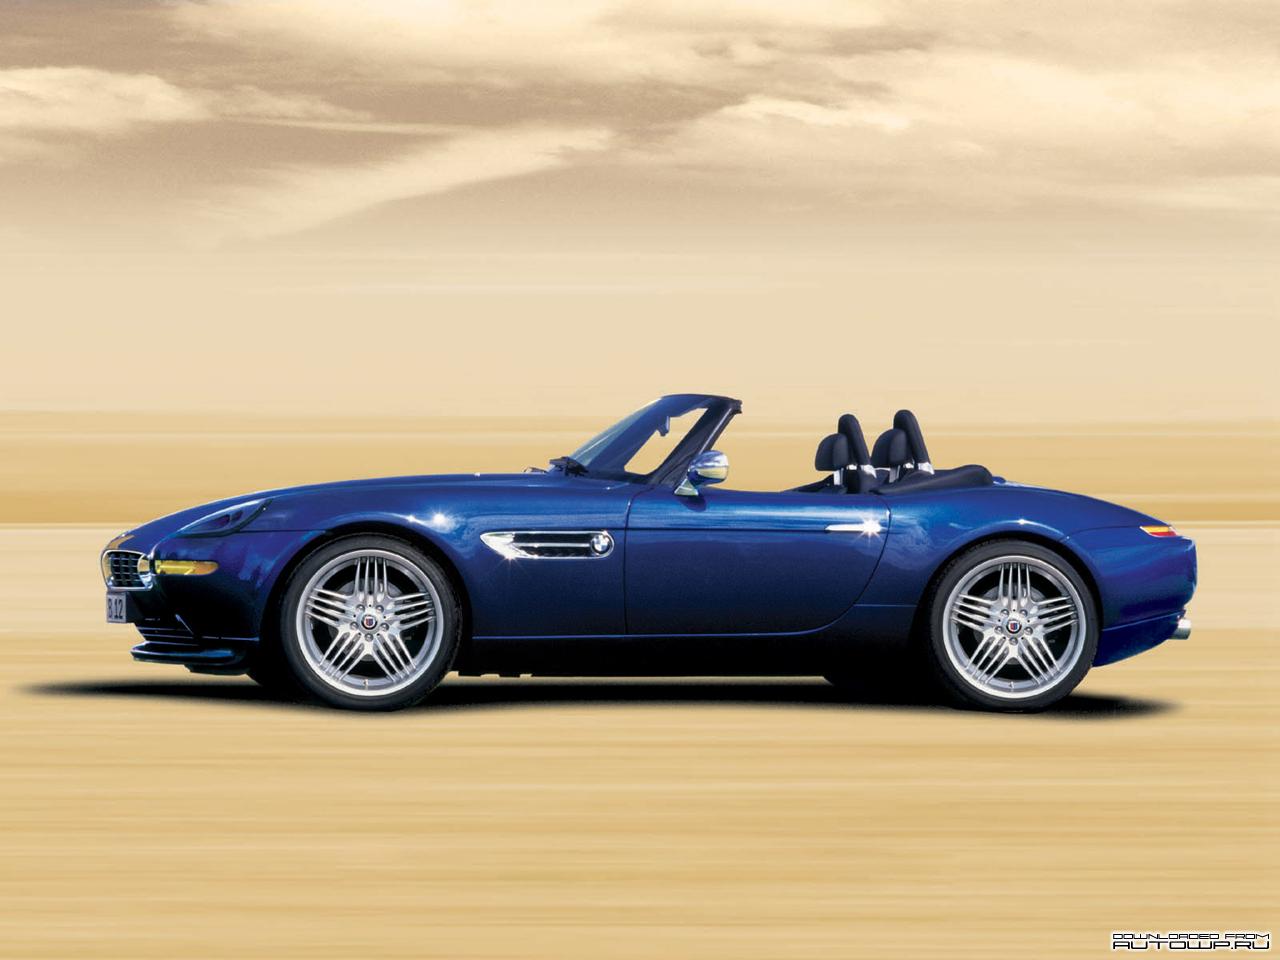 Alpina-Roadster_V8_(E52)_mp233_pic_59233